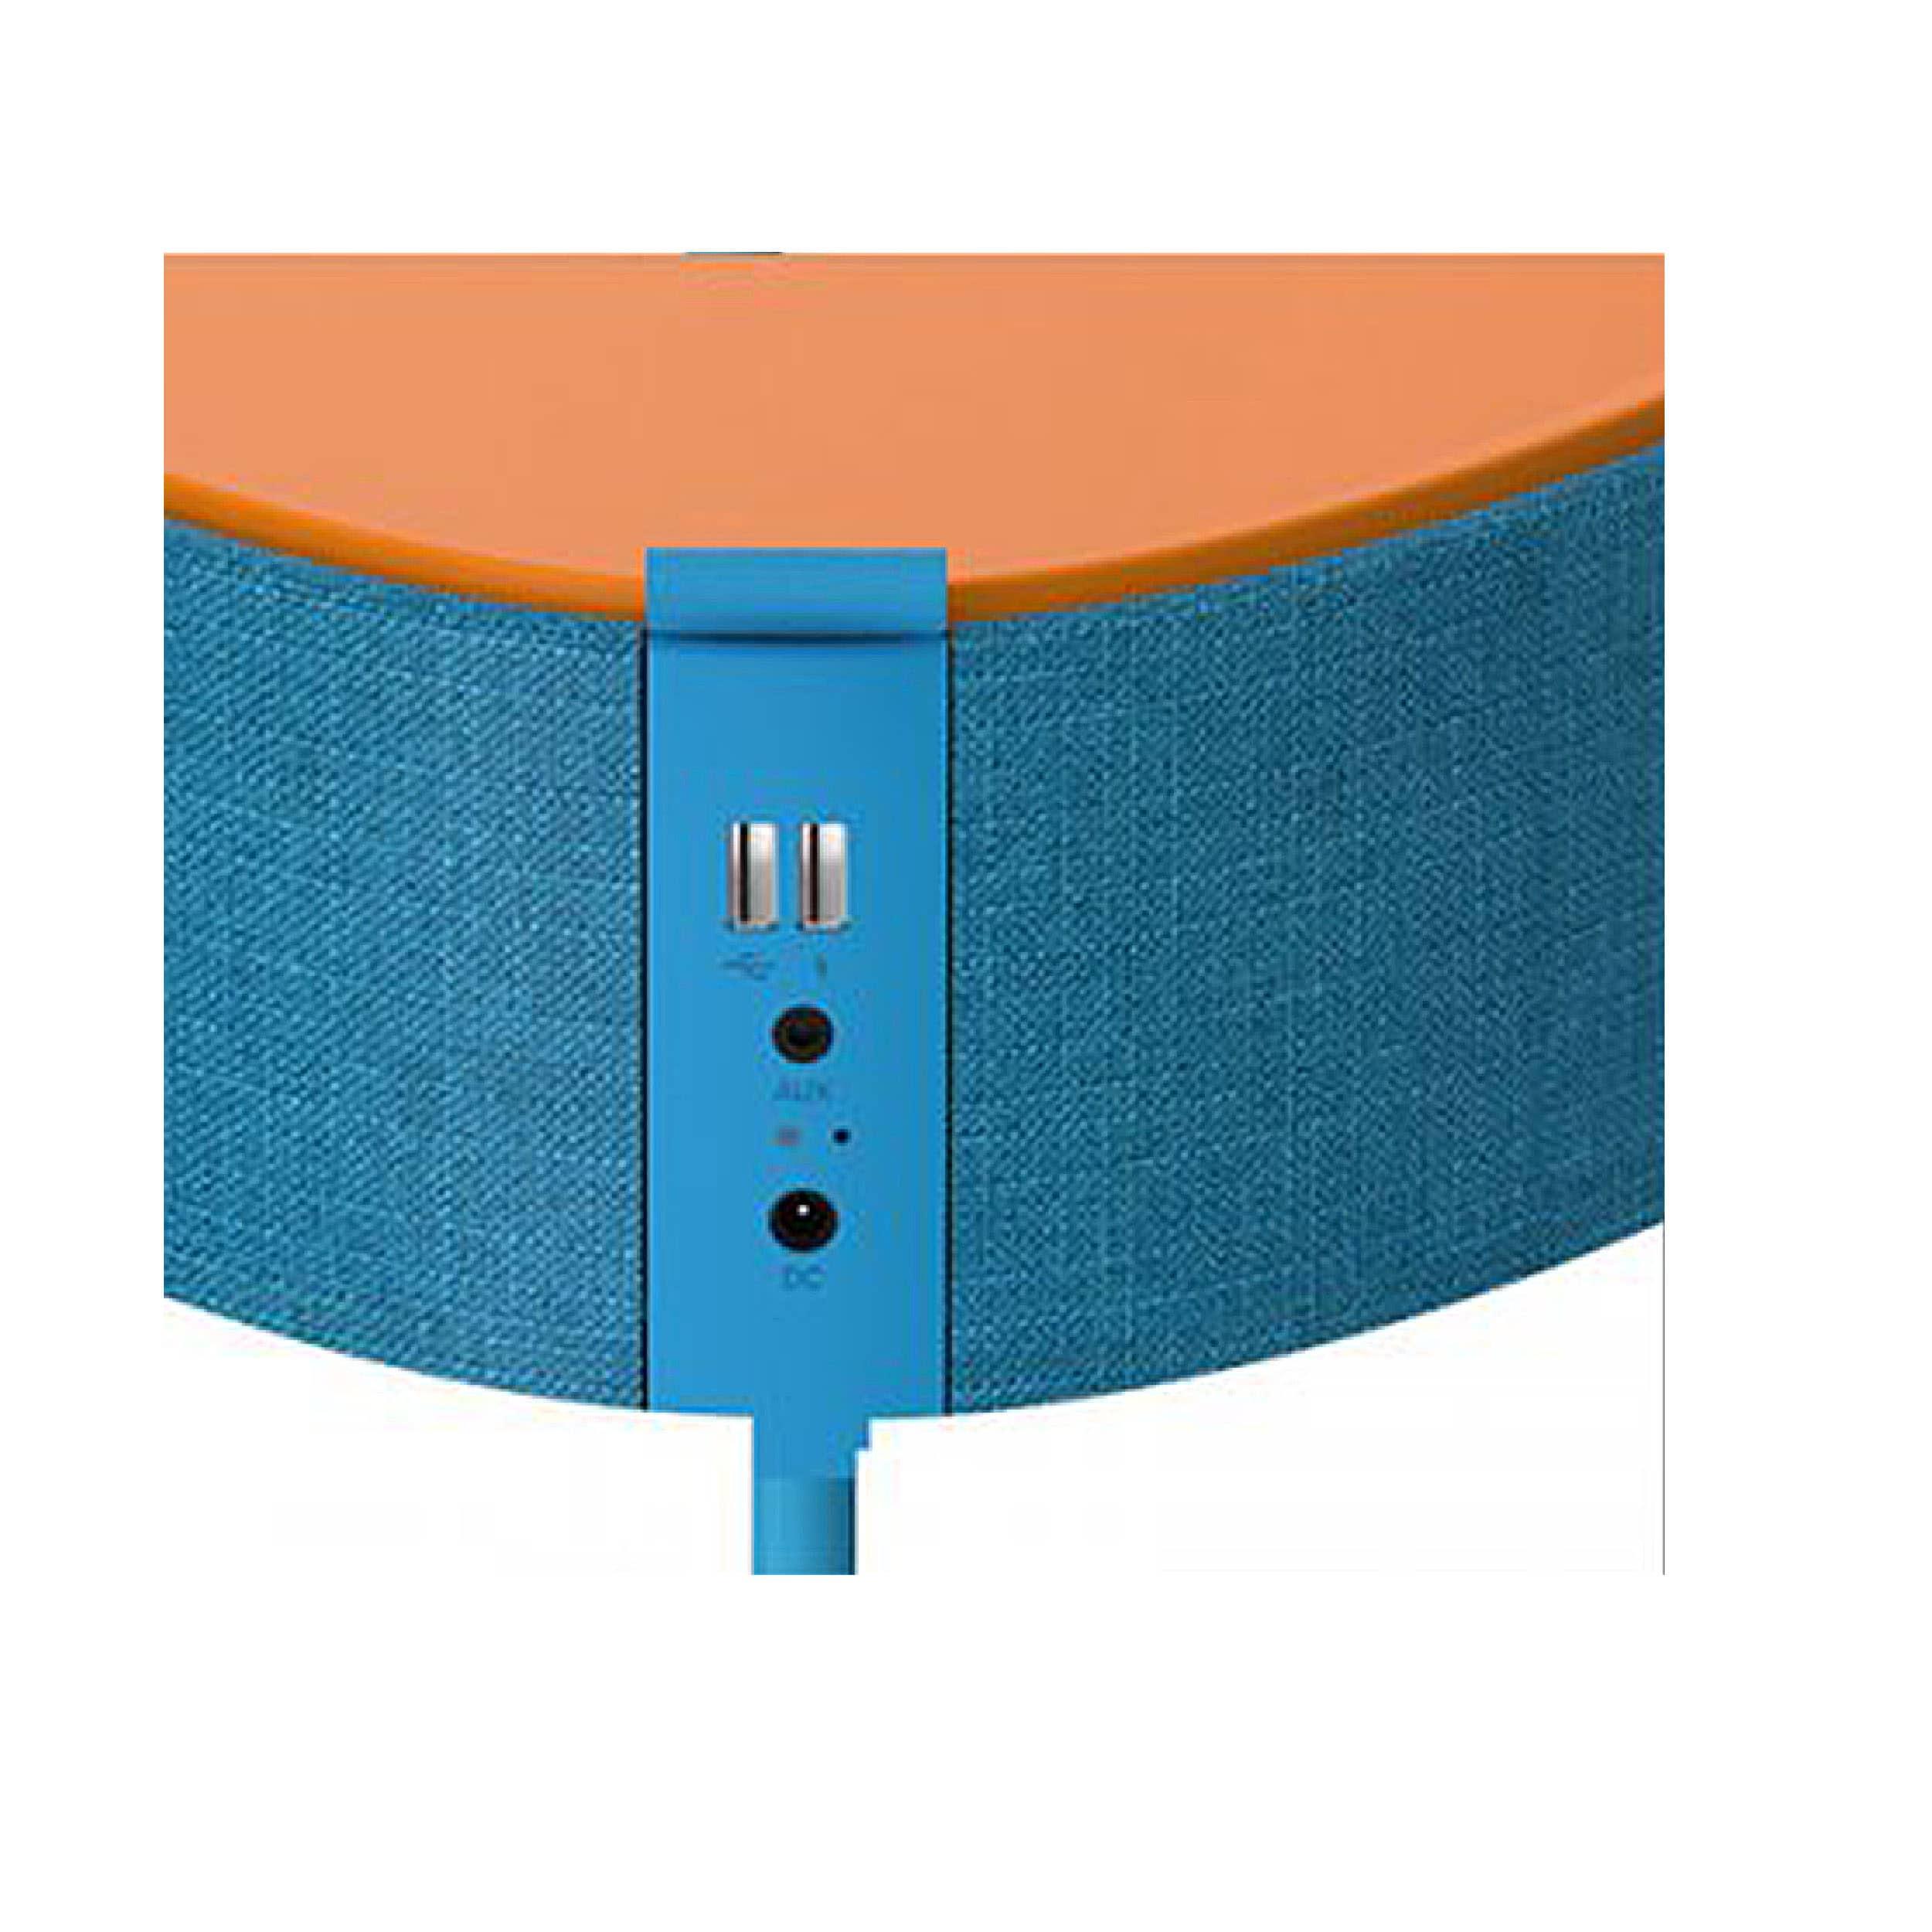 Mesu Beistelltisch mit BT Lautsprecher und Wireless Ladestation